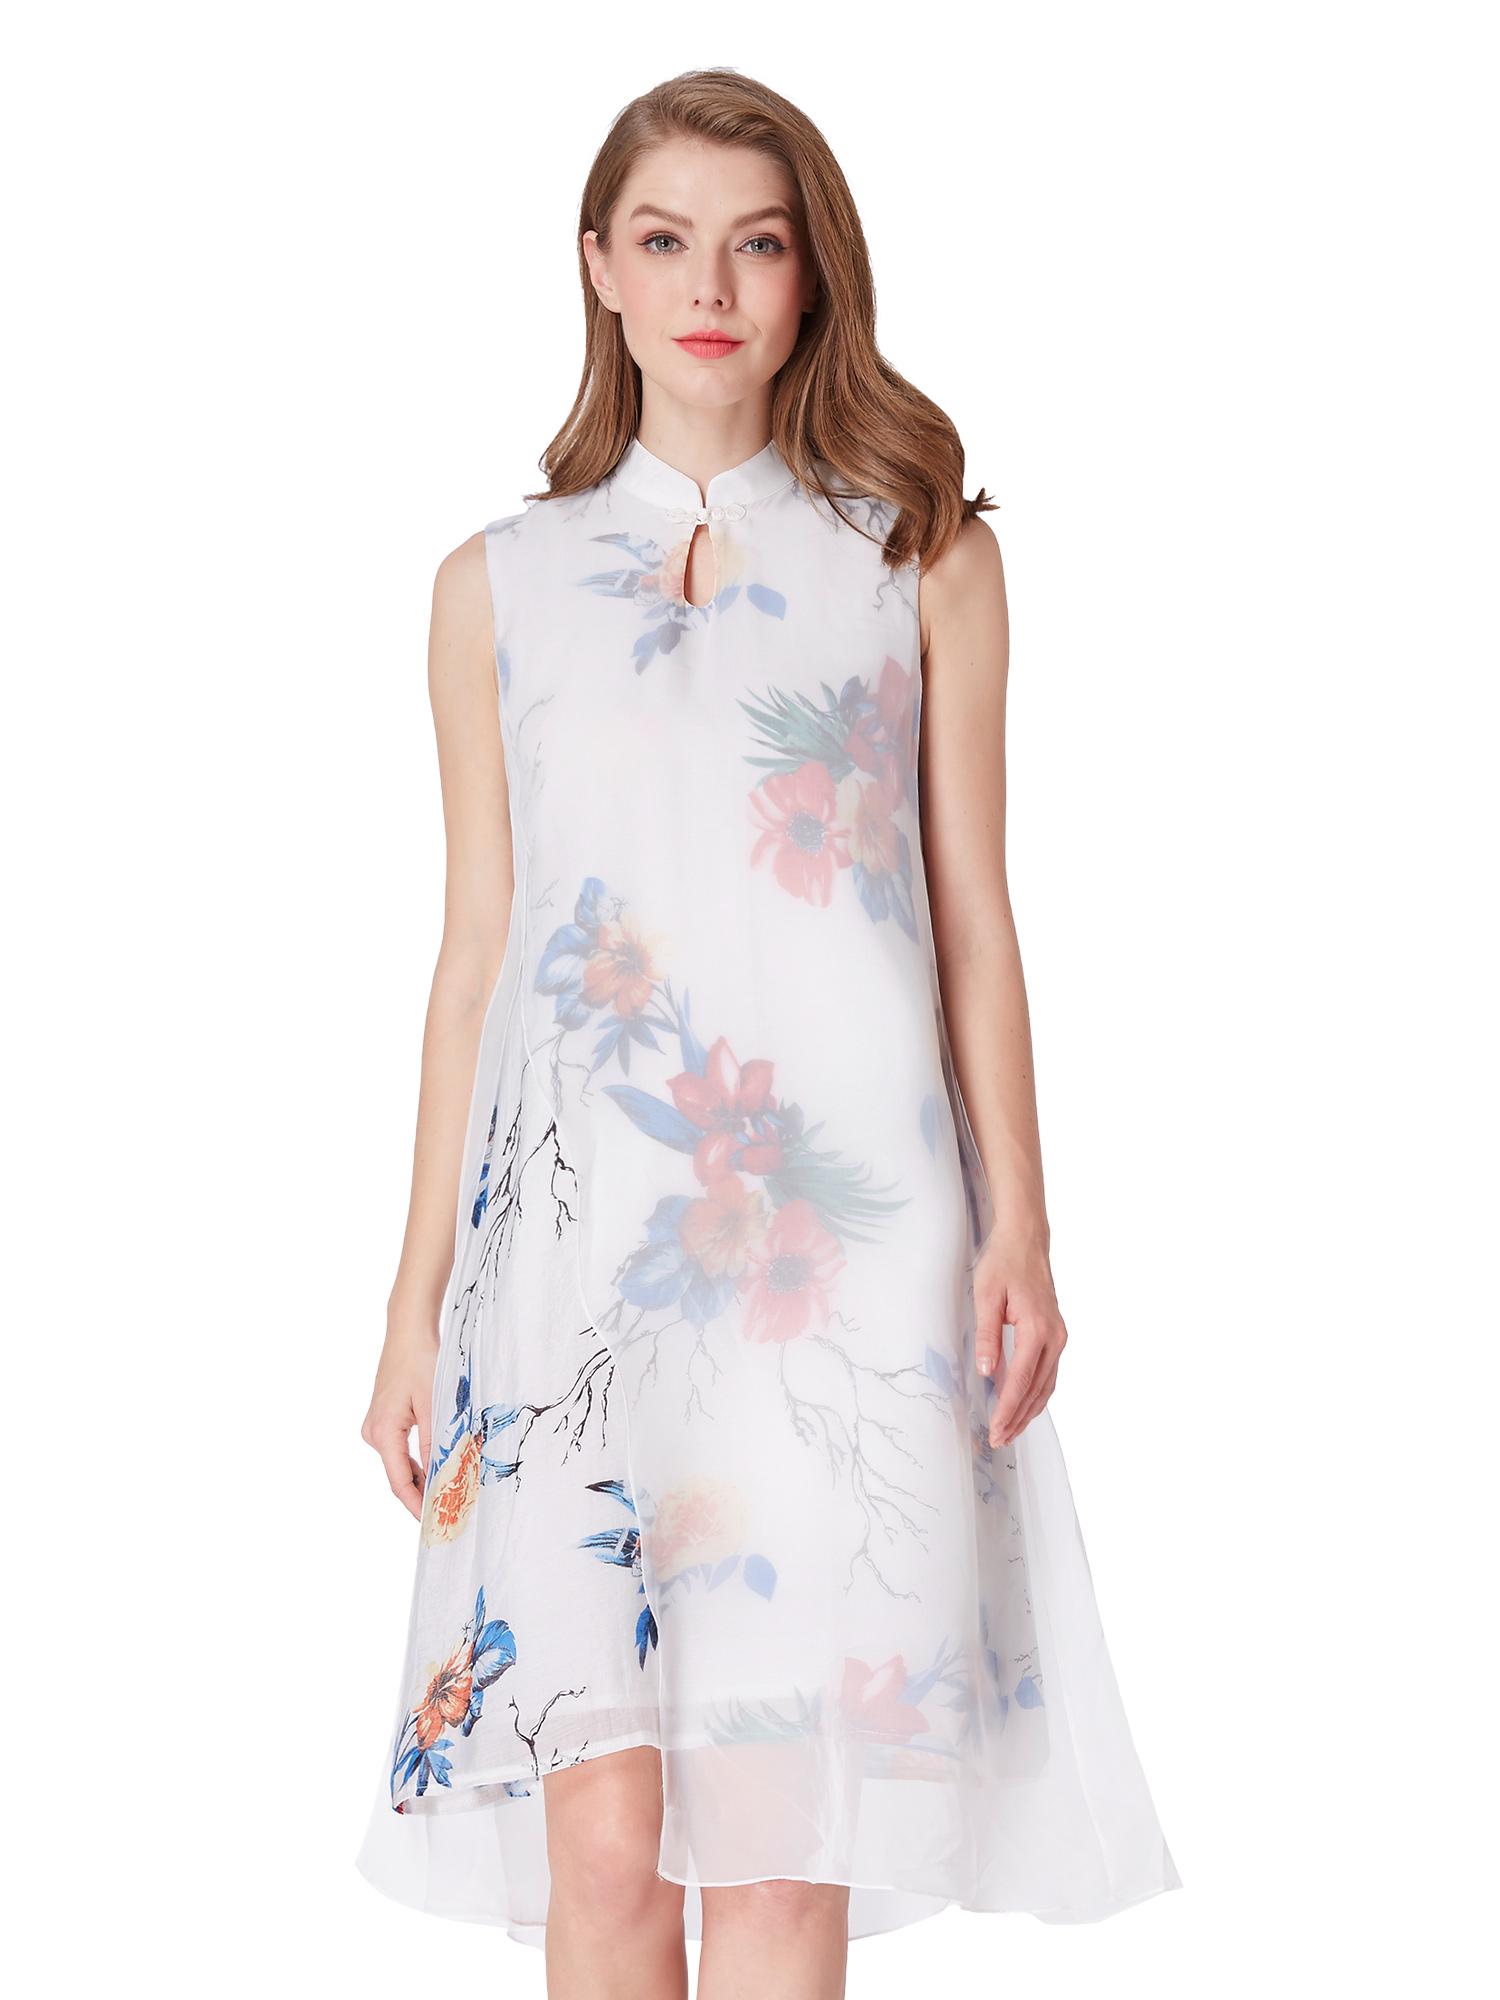 Alisa-Pan-Cocktail-Party-Dresses-Floral-Split-Short-Women-Casual-Gown-04001